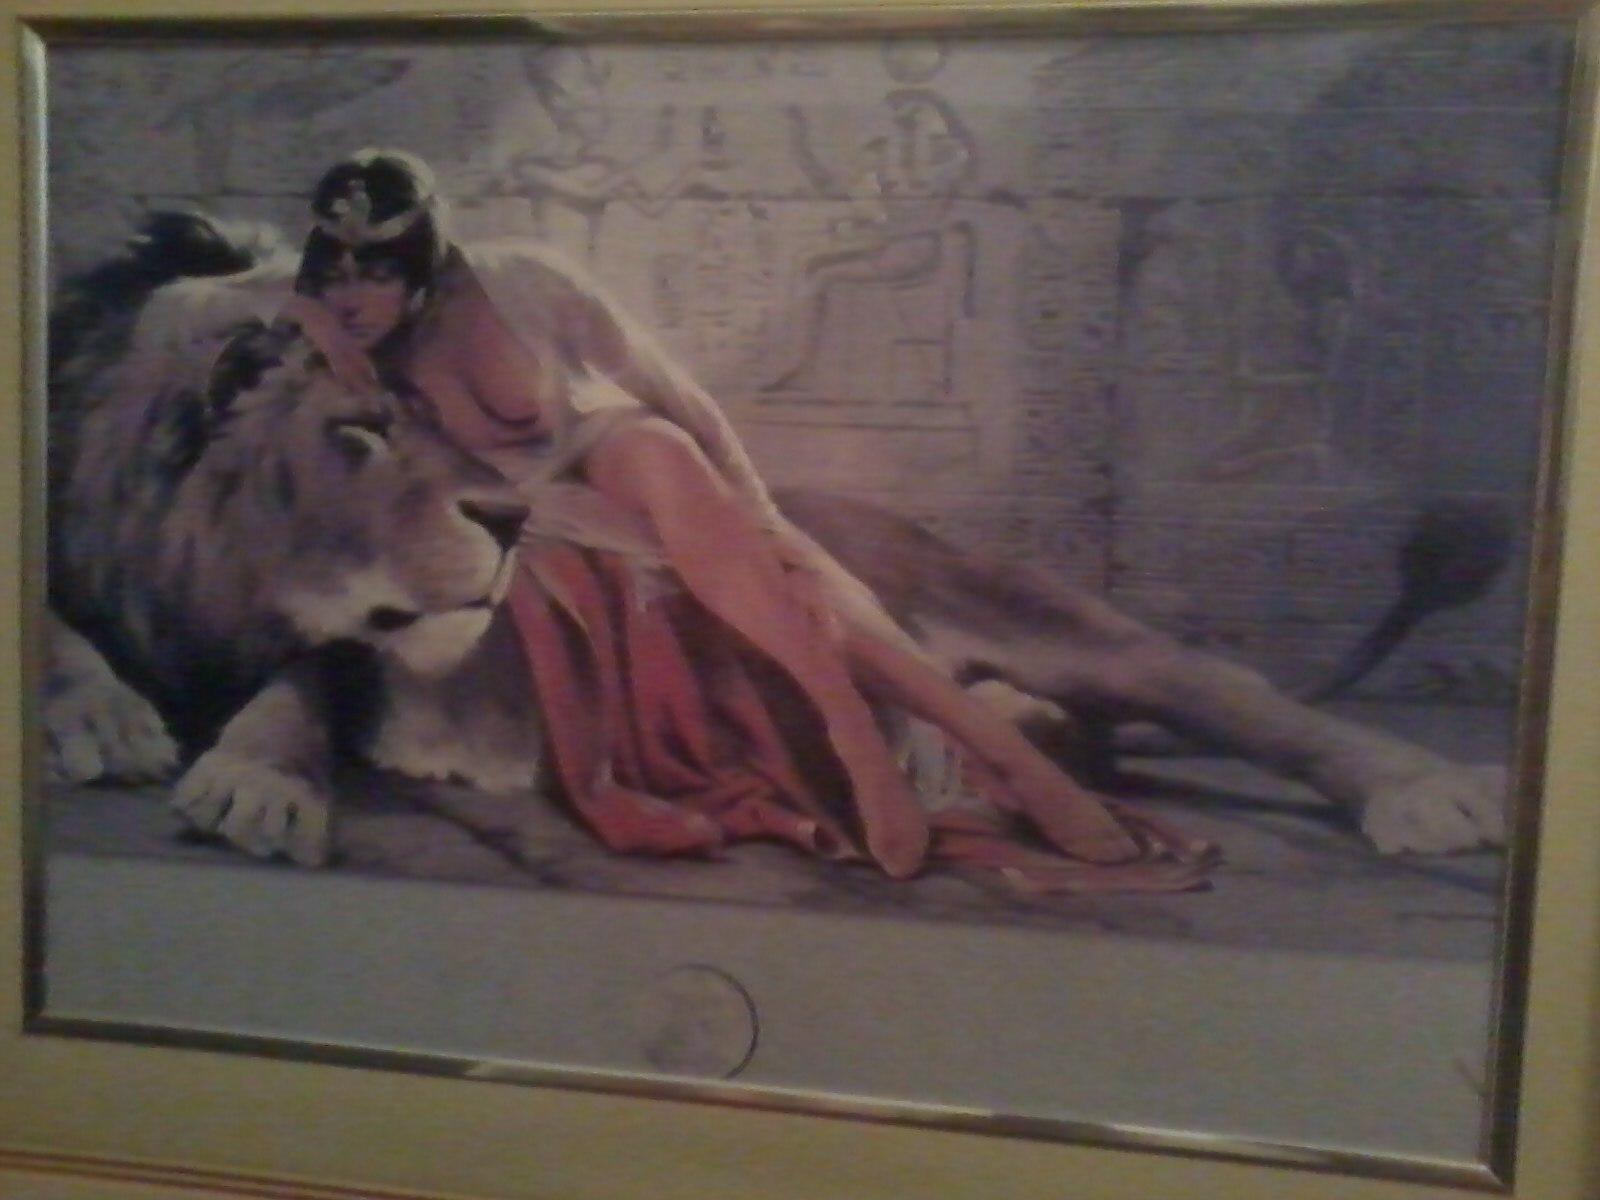 一头狮子和一个美女 这张图叫什么名字